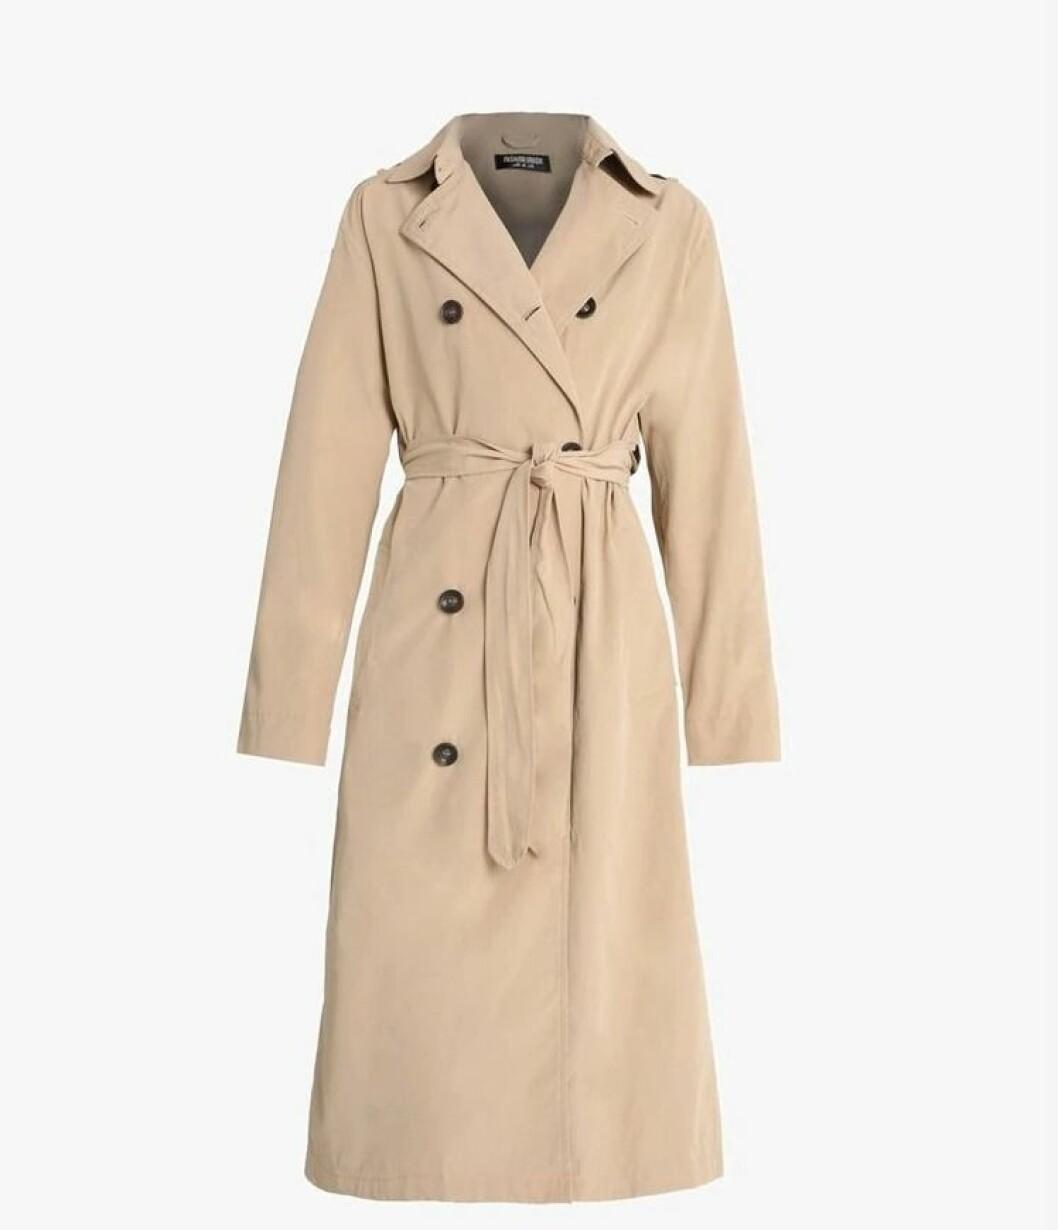 Trenchcoat fra Fashion Union |750,-| https://www.zalando.no/fashion-union-albert-trenchcoat-beige-faa21u005-b11.html